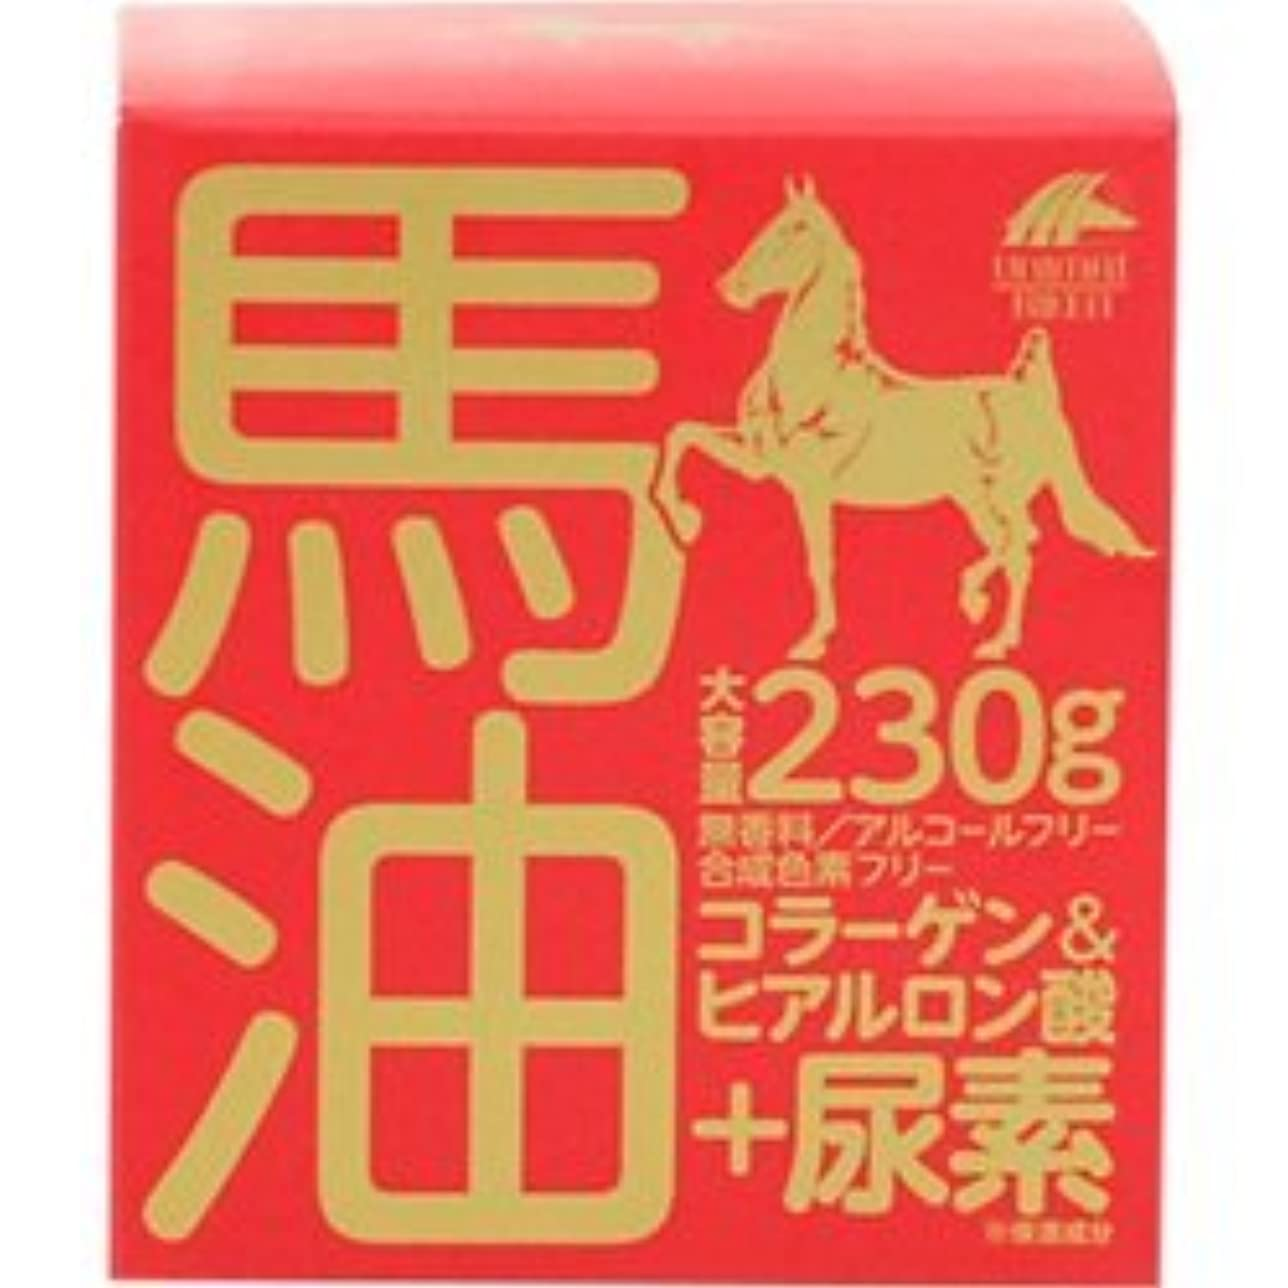 ミシン捨てるワックス【ユニマットリケン】馬油クリーム+尿素 230g ×10個セット